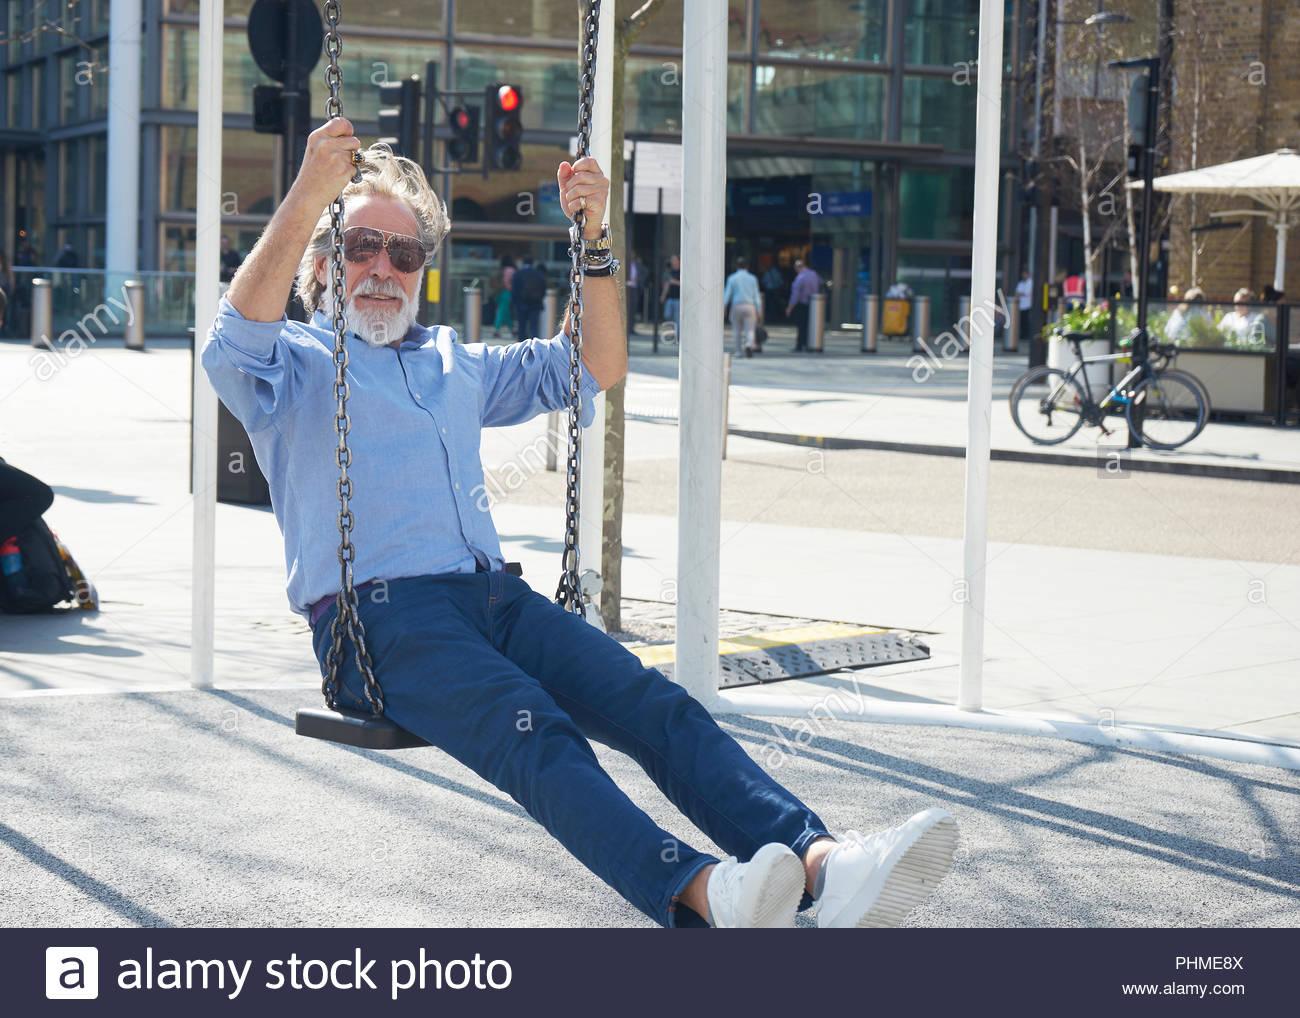 Senior man on swing - Stock Image